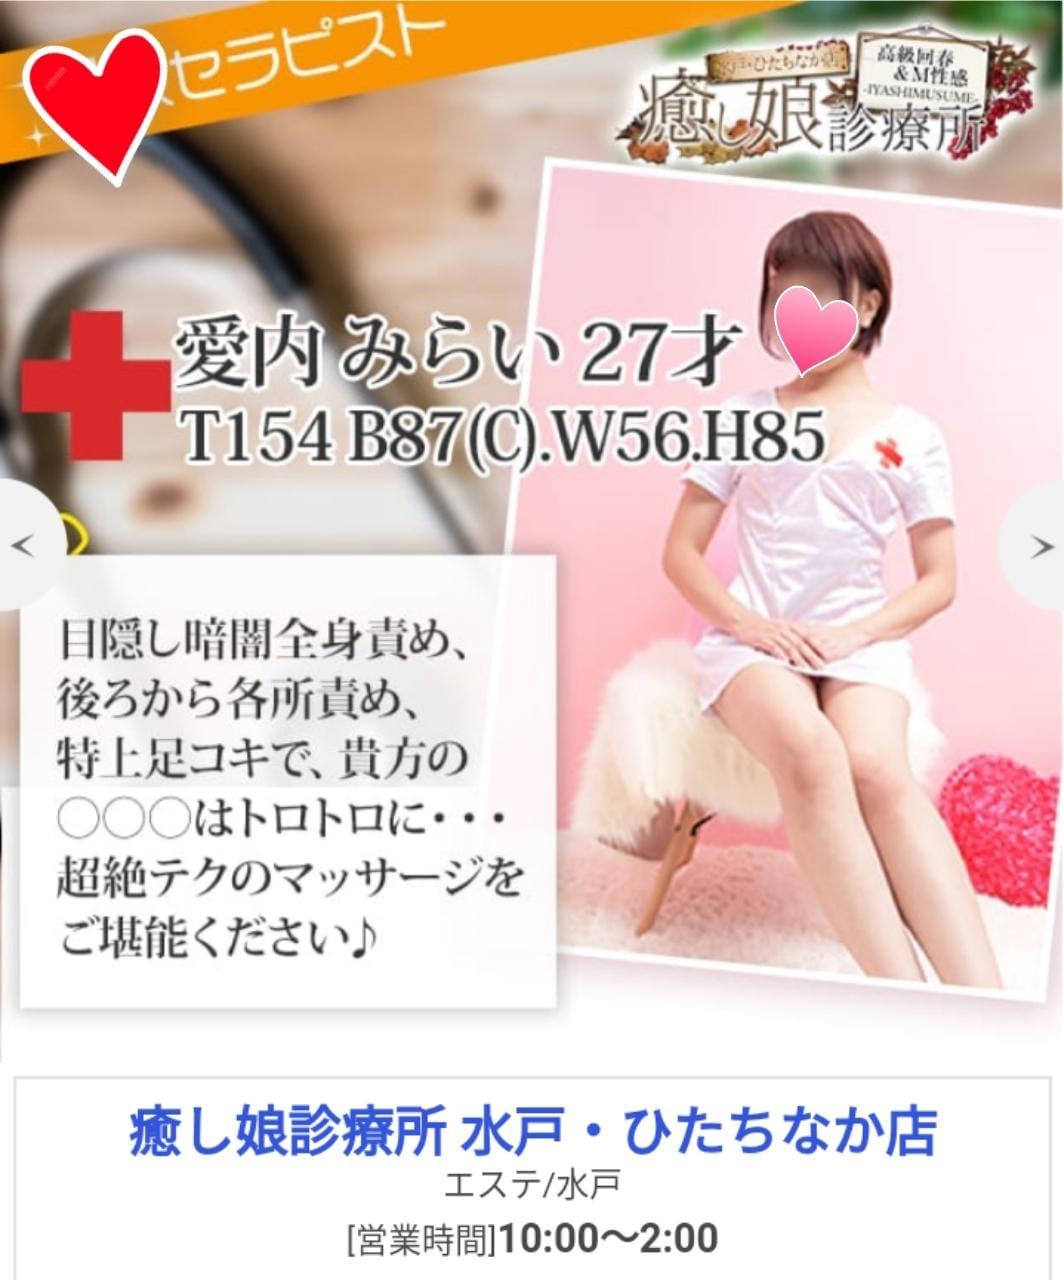 「みらいです(^^♪」12/11(12/11) 11:12 | 愛内 みらいの写メ・風俗動画